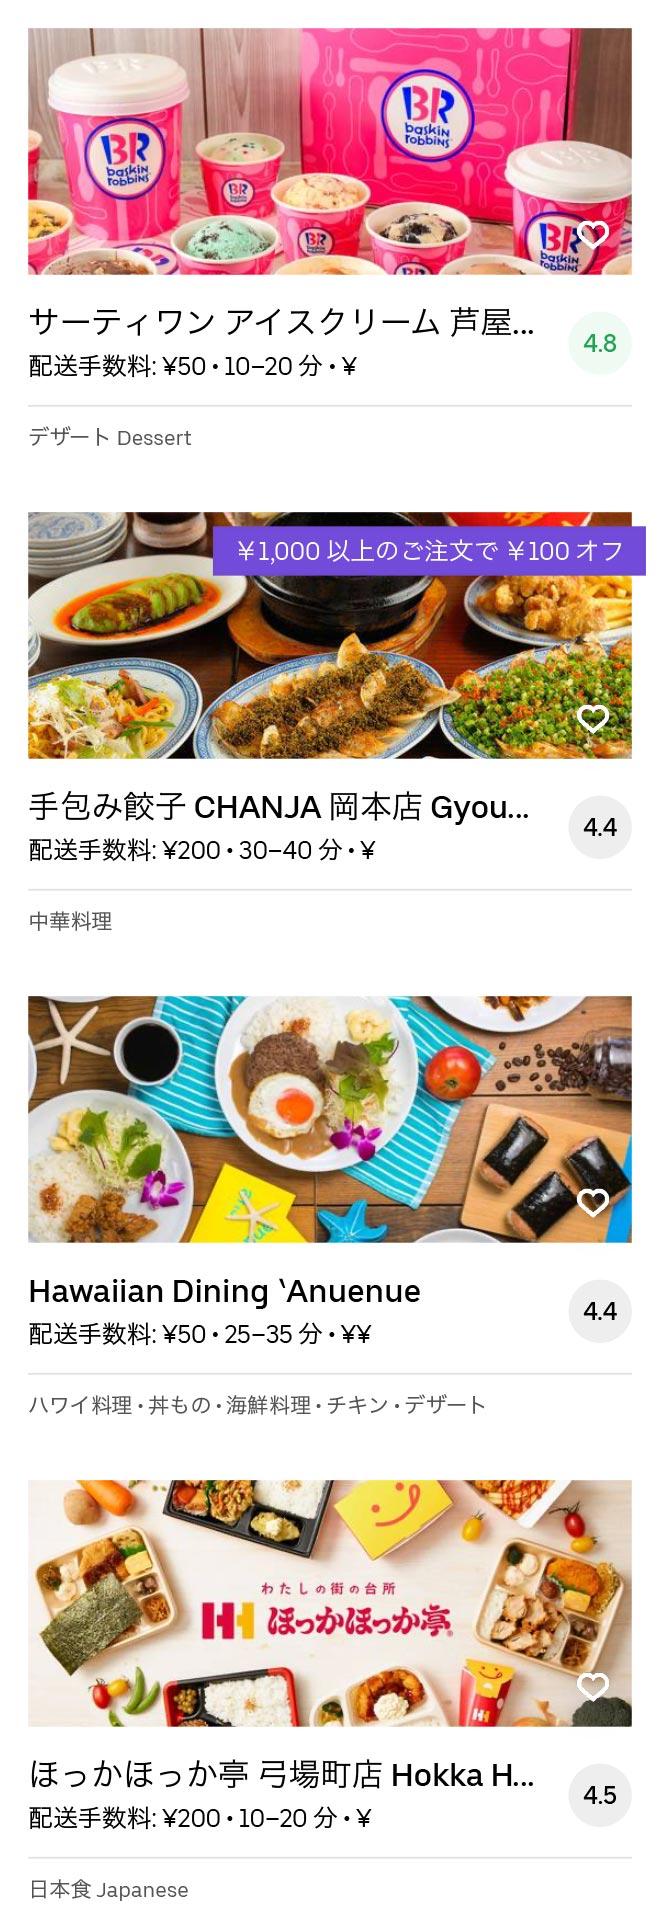 Hyogo ashiya menu 2005 09